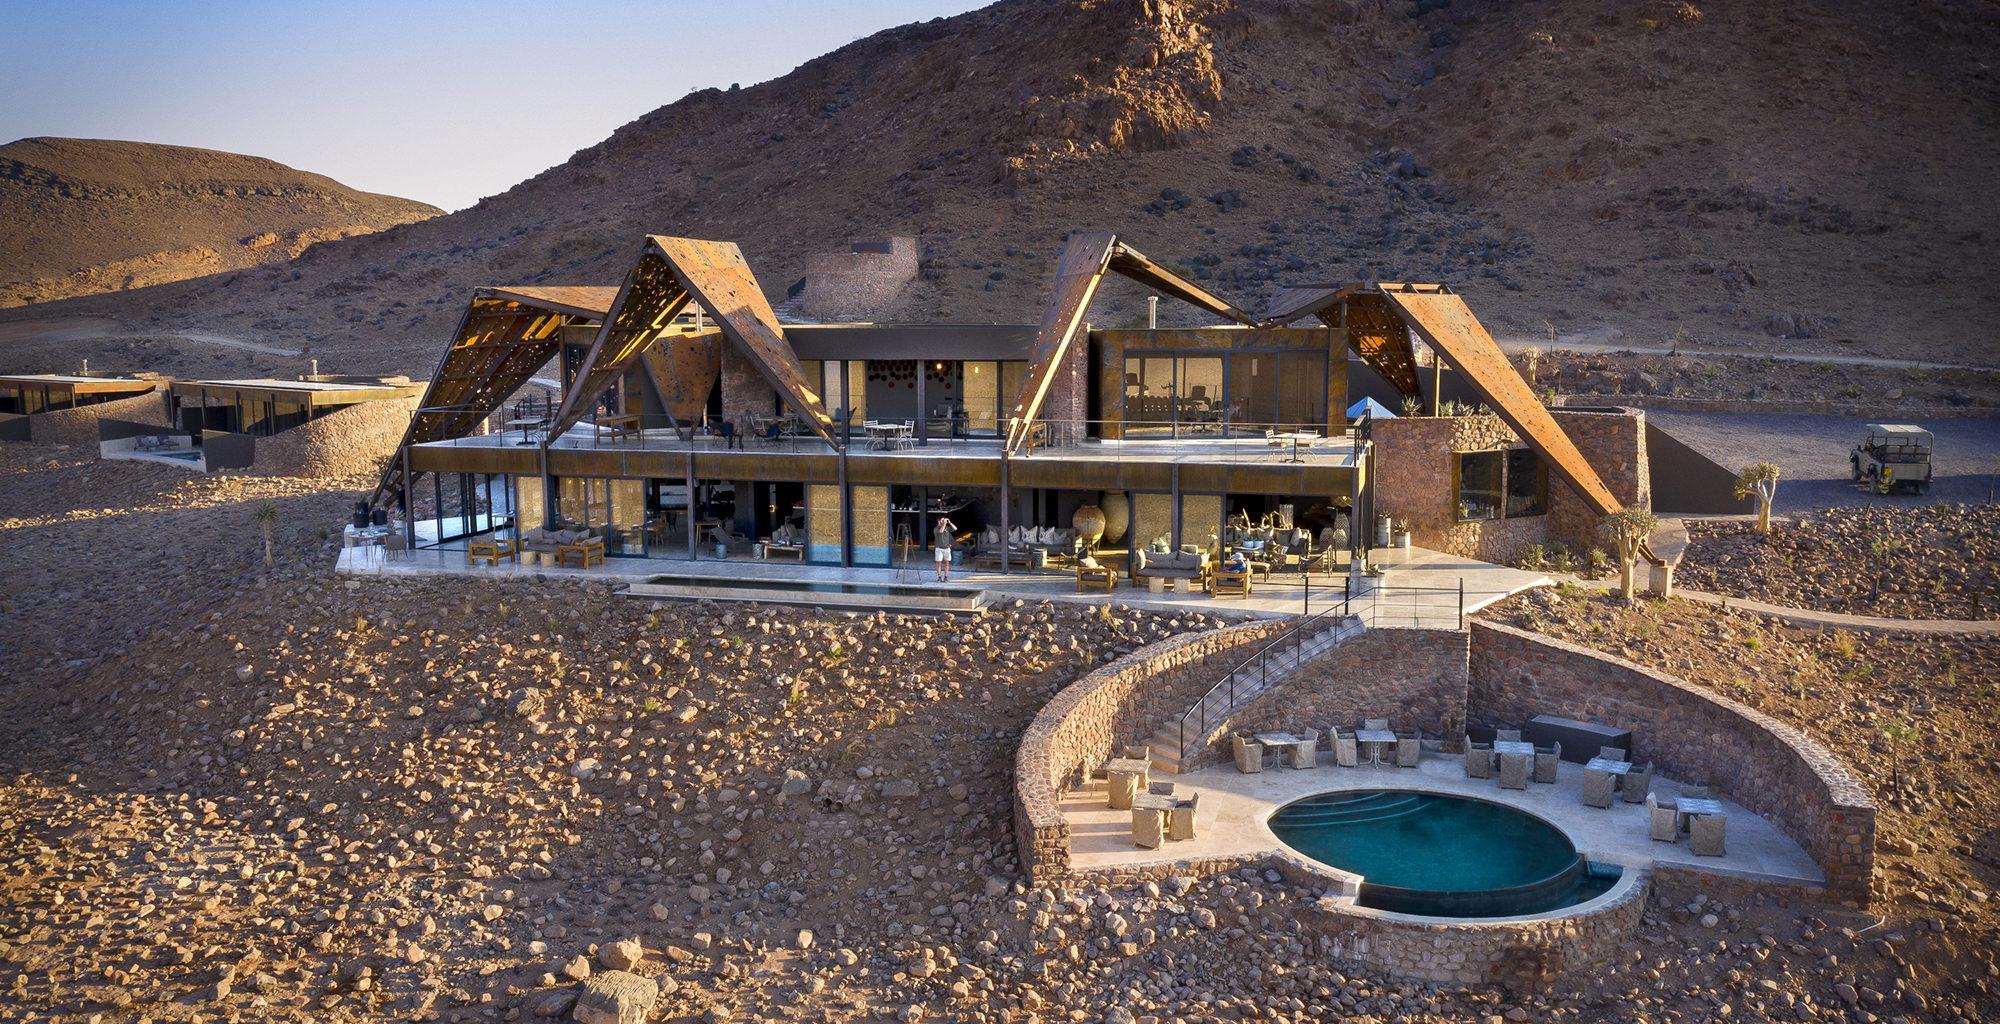 Namibia-Sossusvlei-Desert-Lodge-Exterior